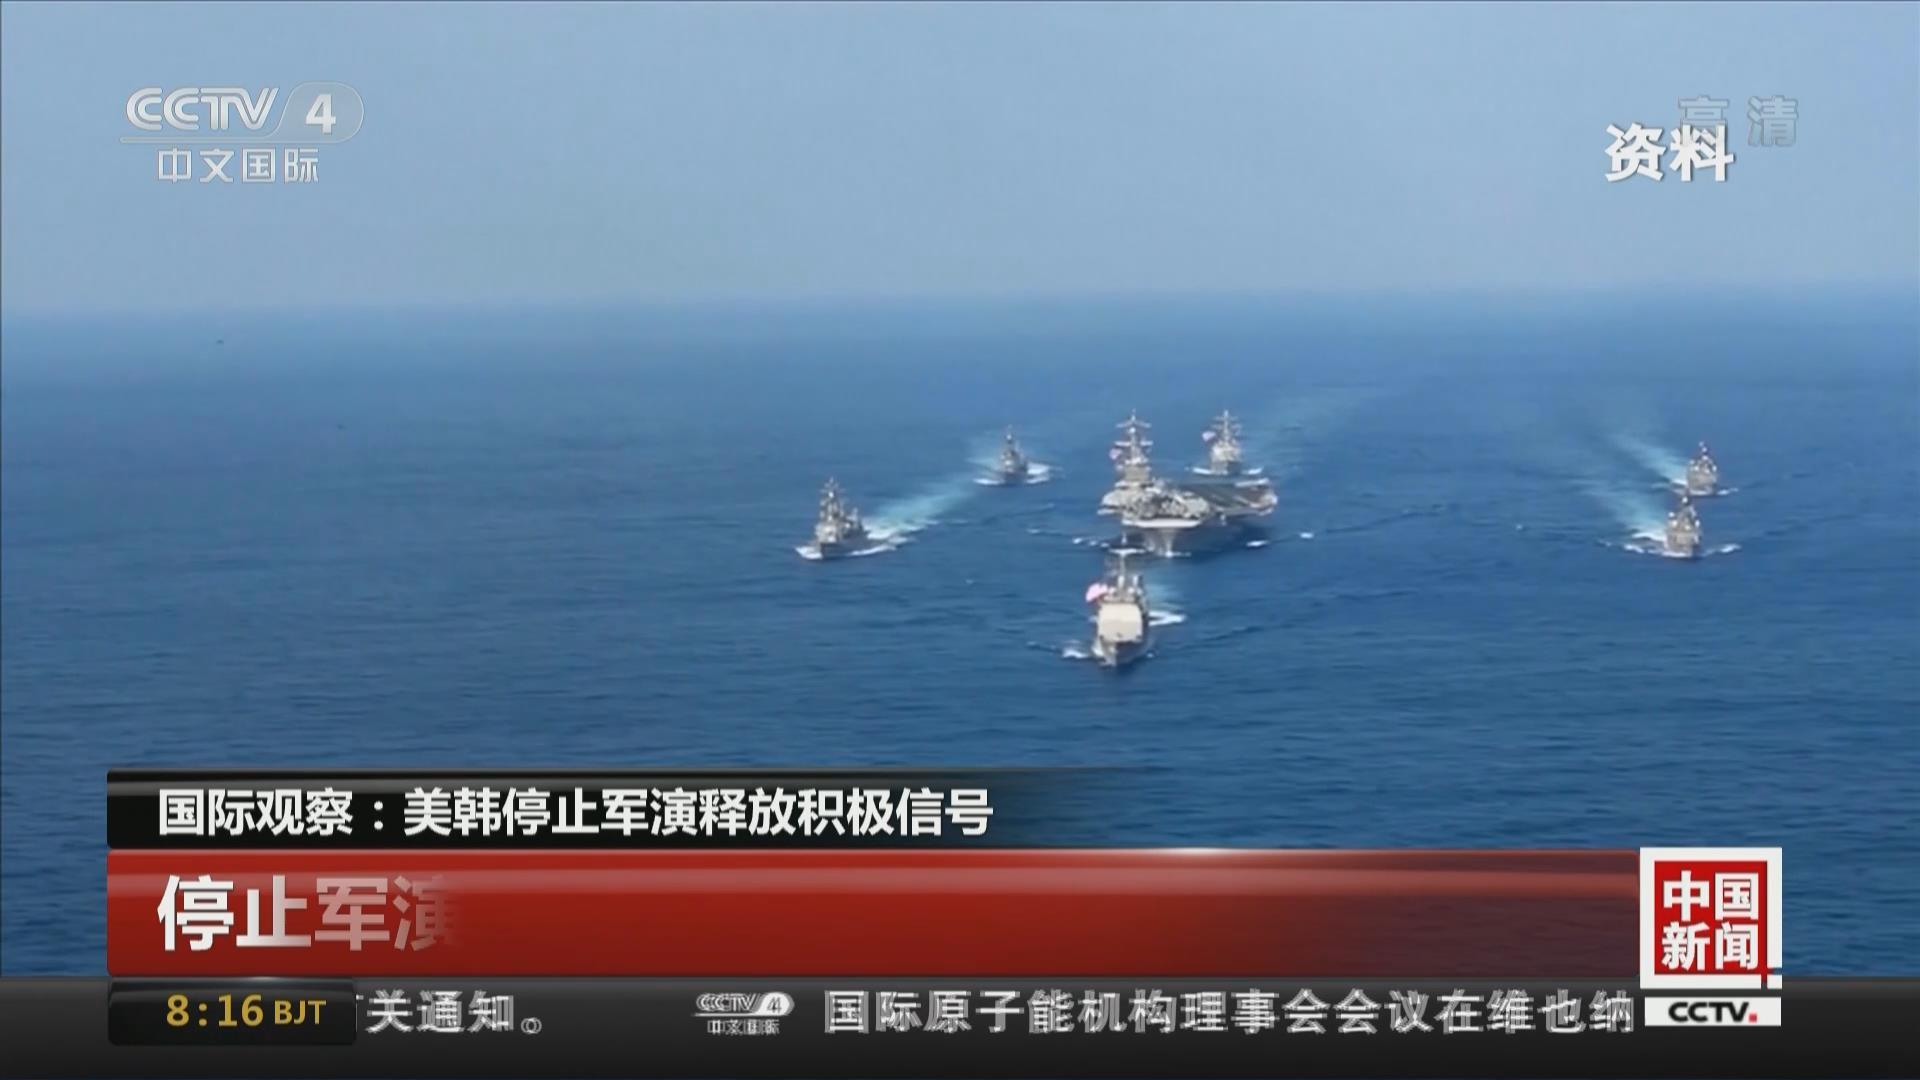 美韩停止军演释放积极信号